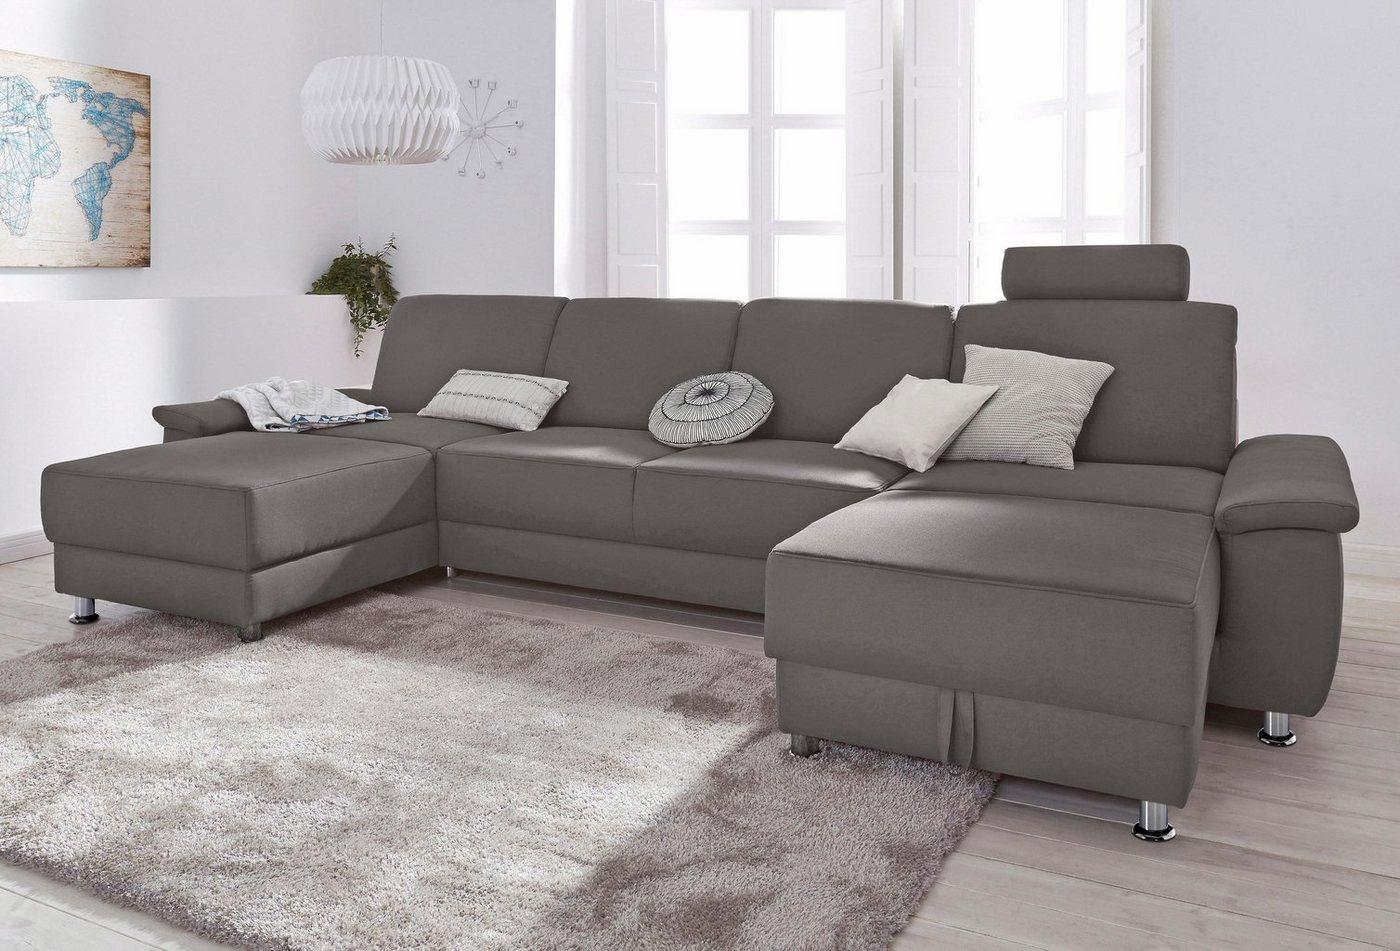 relaxfunktion sonstige preisvergleiche. Black Bedroom Furniture Sets. Home Design Ideas